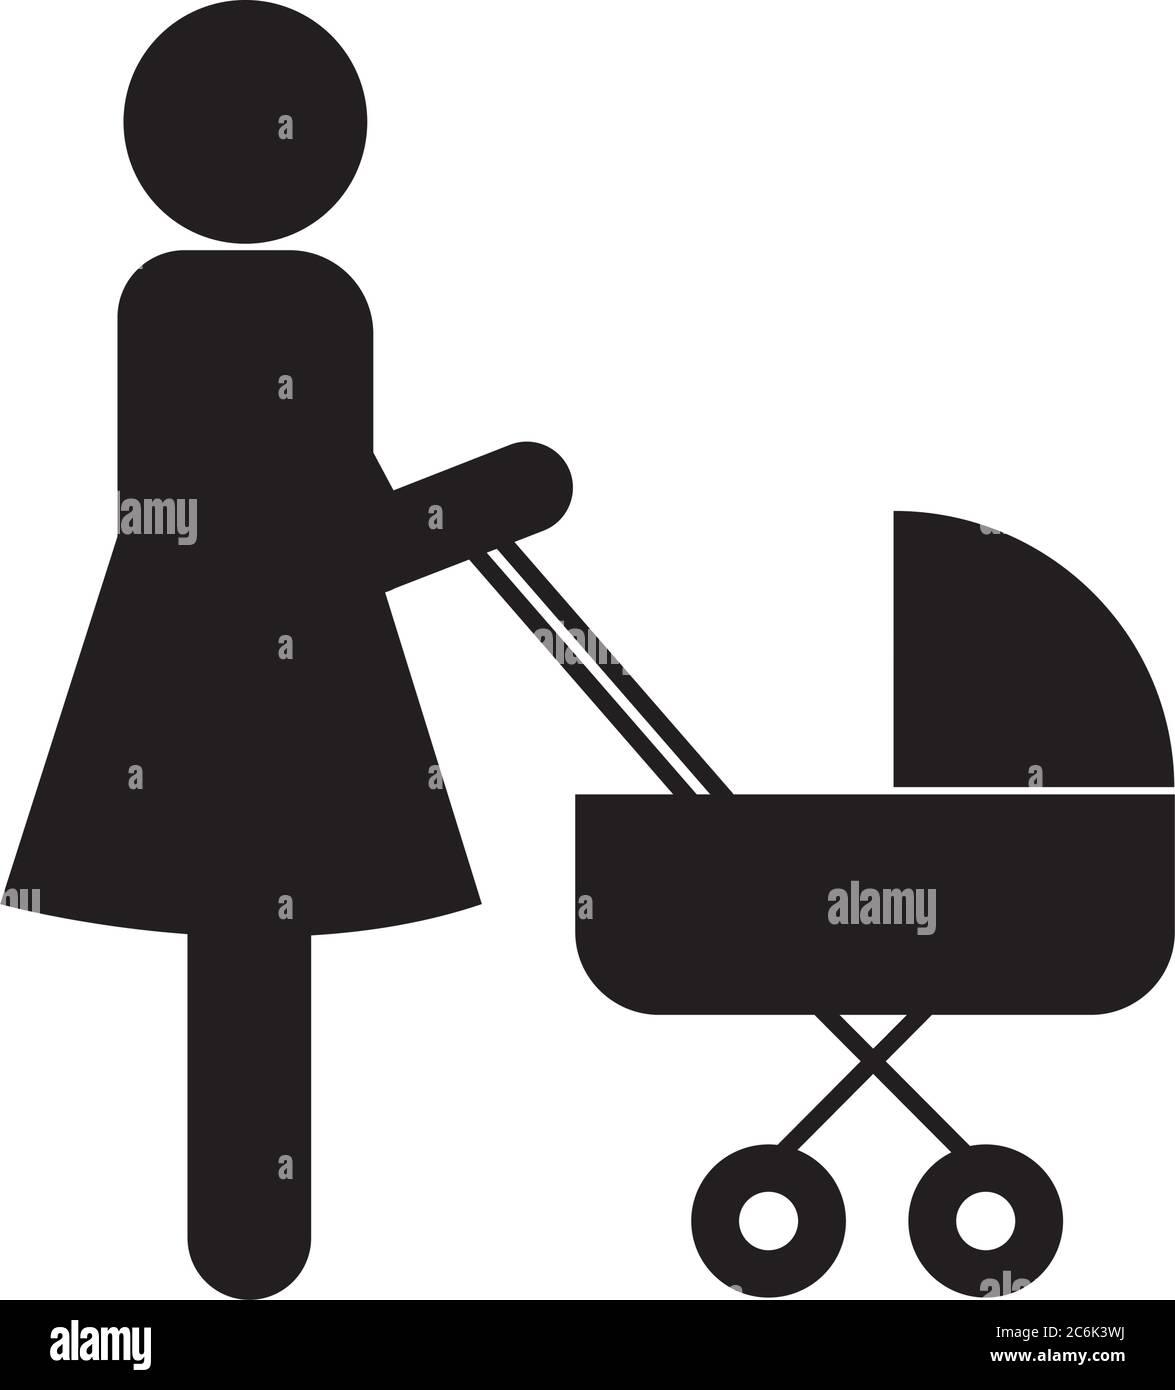 Mutter mit Baby Kinderwagen Silhouette Stil Icon Design, Familie Beziehung und Generation Thema Vektor Illustration Stock Vektor